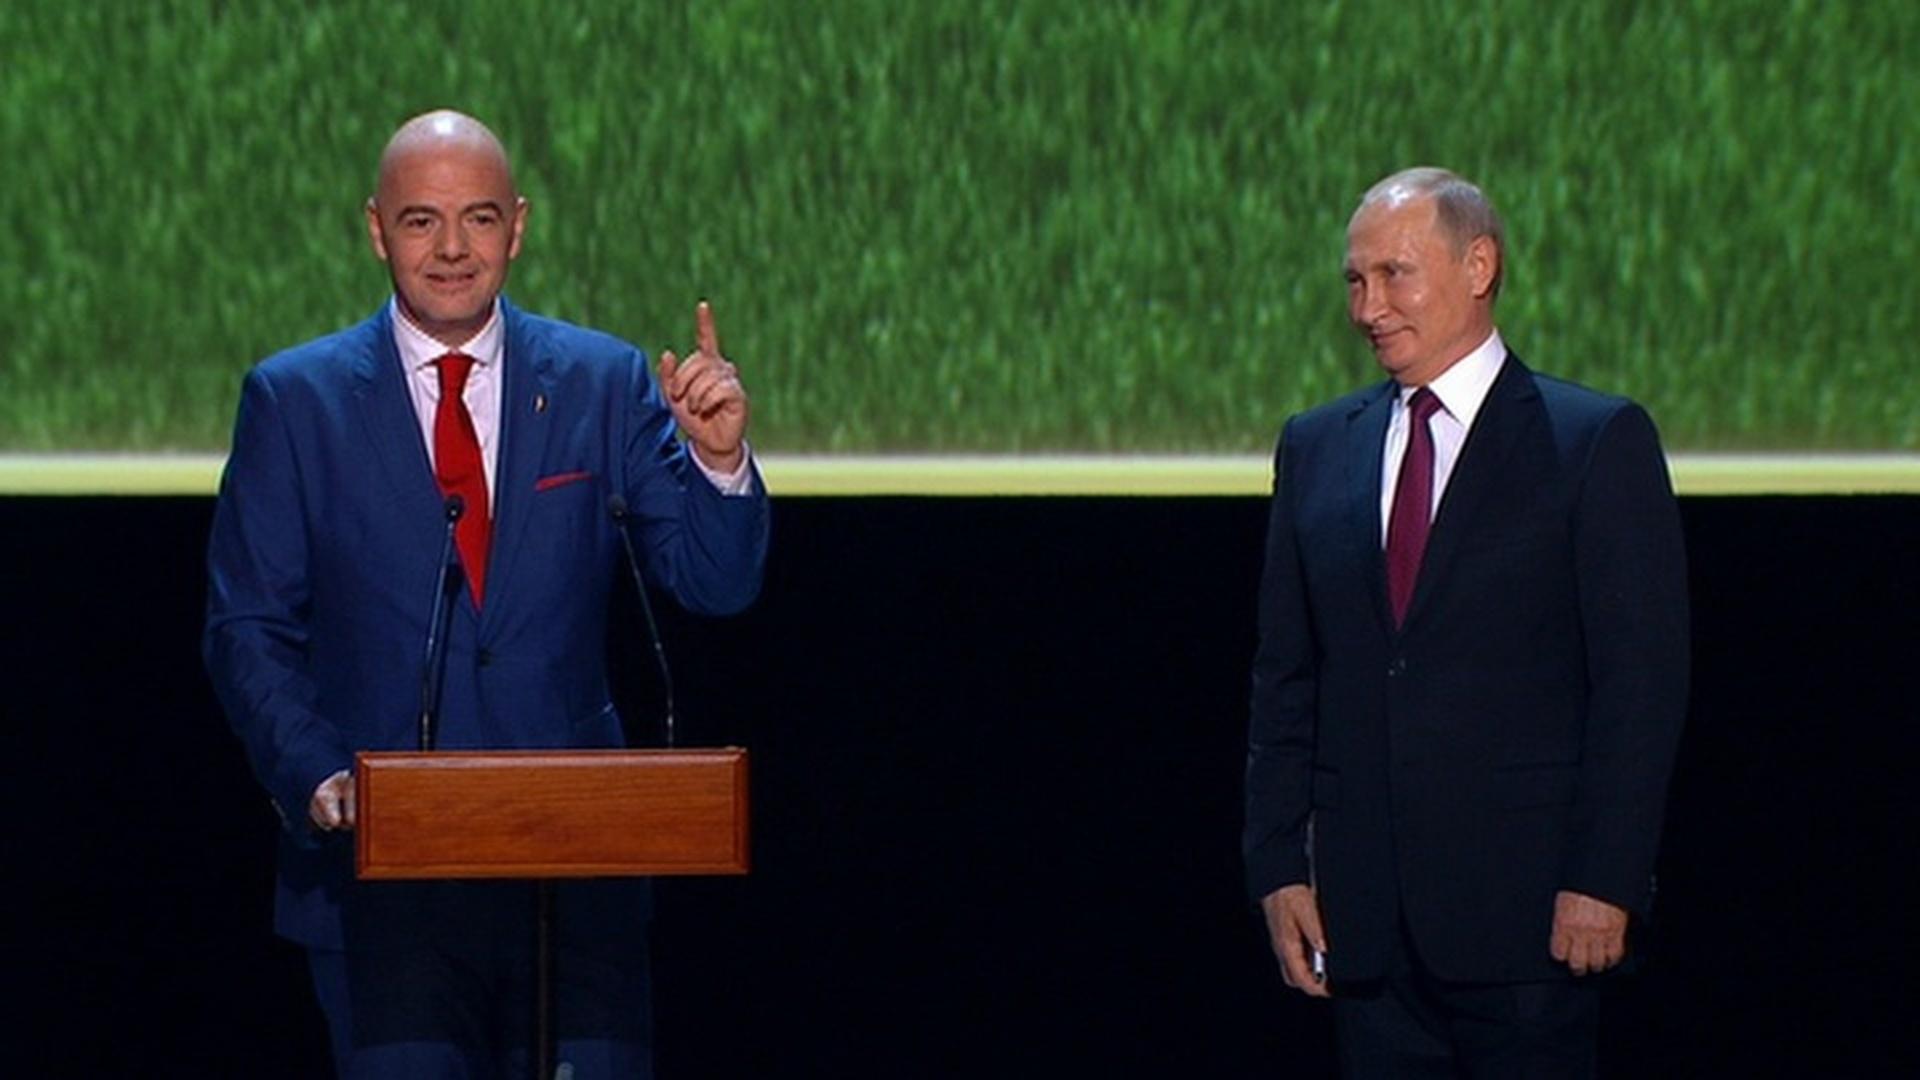 Джанни Инфантино: Россия, большое спасибо за лучший в истории чемпионат мира